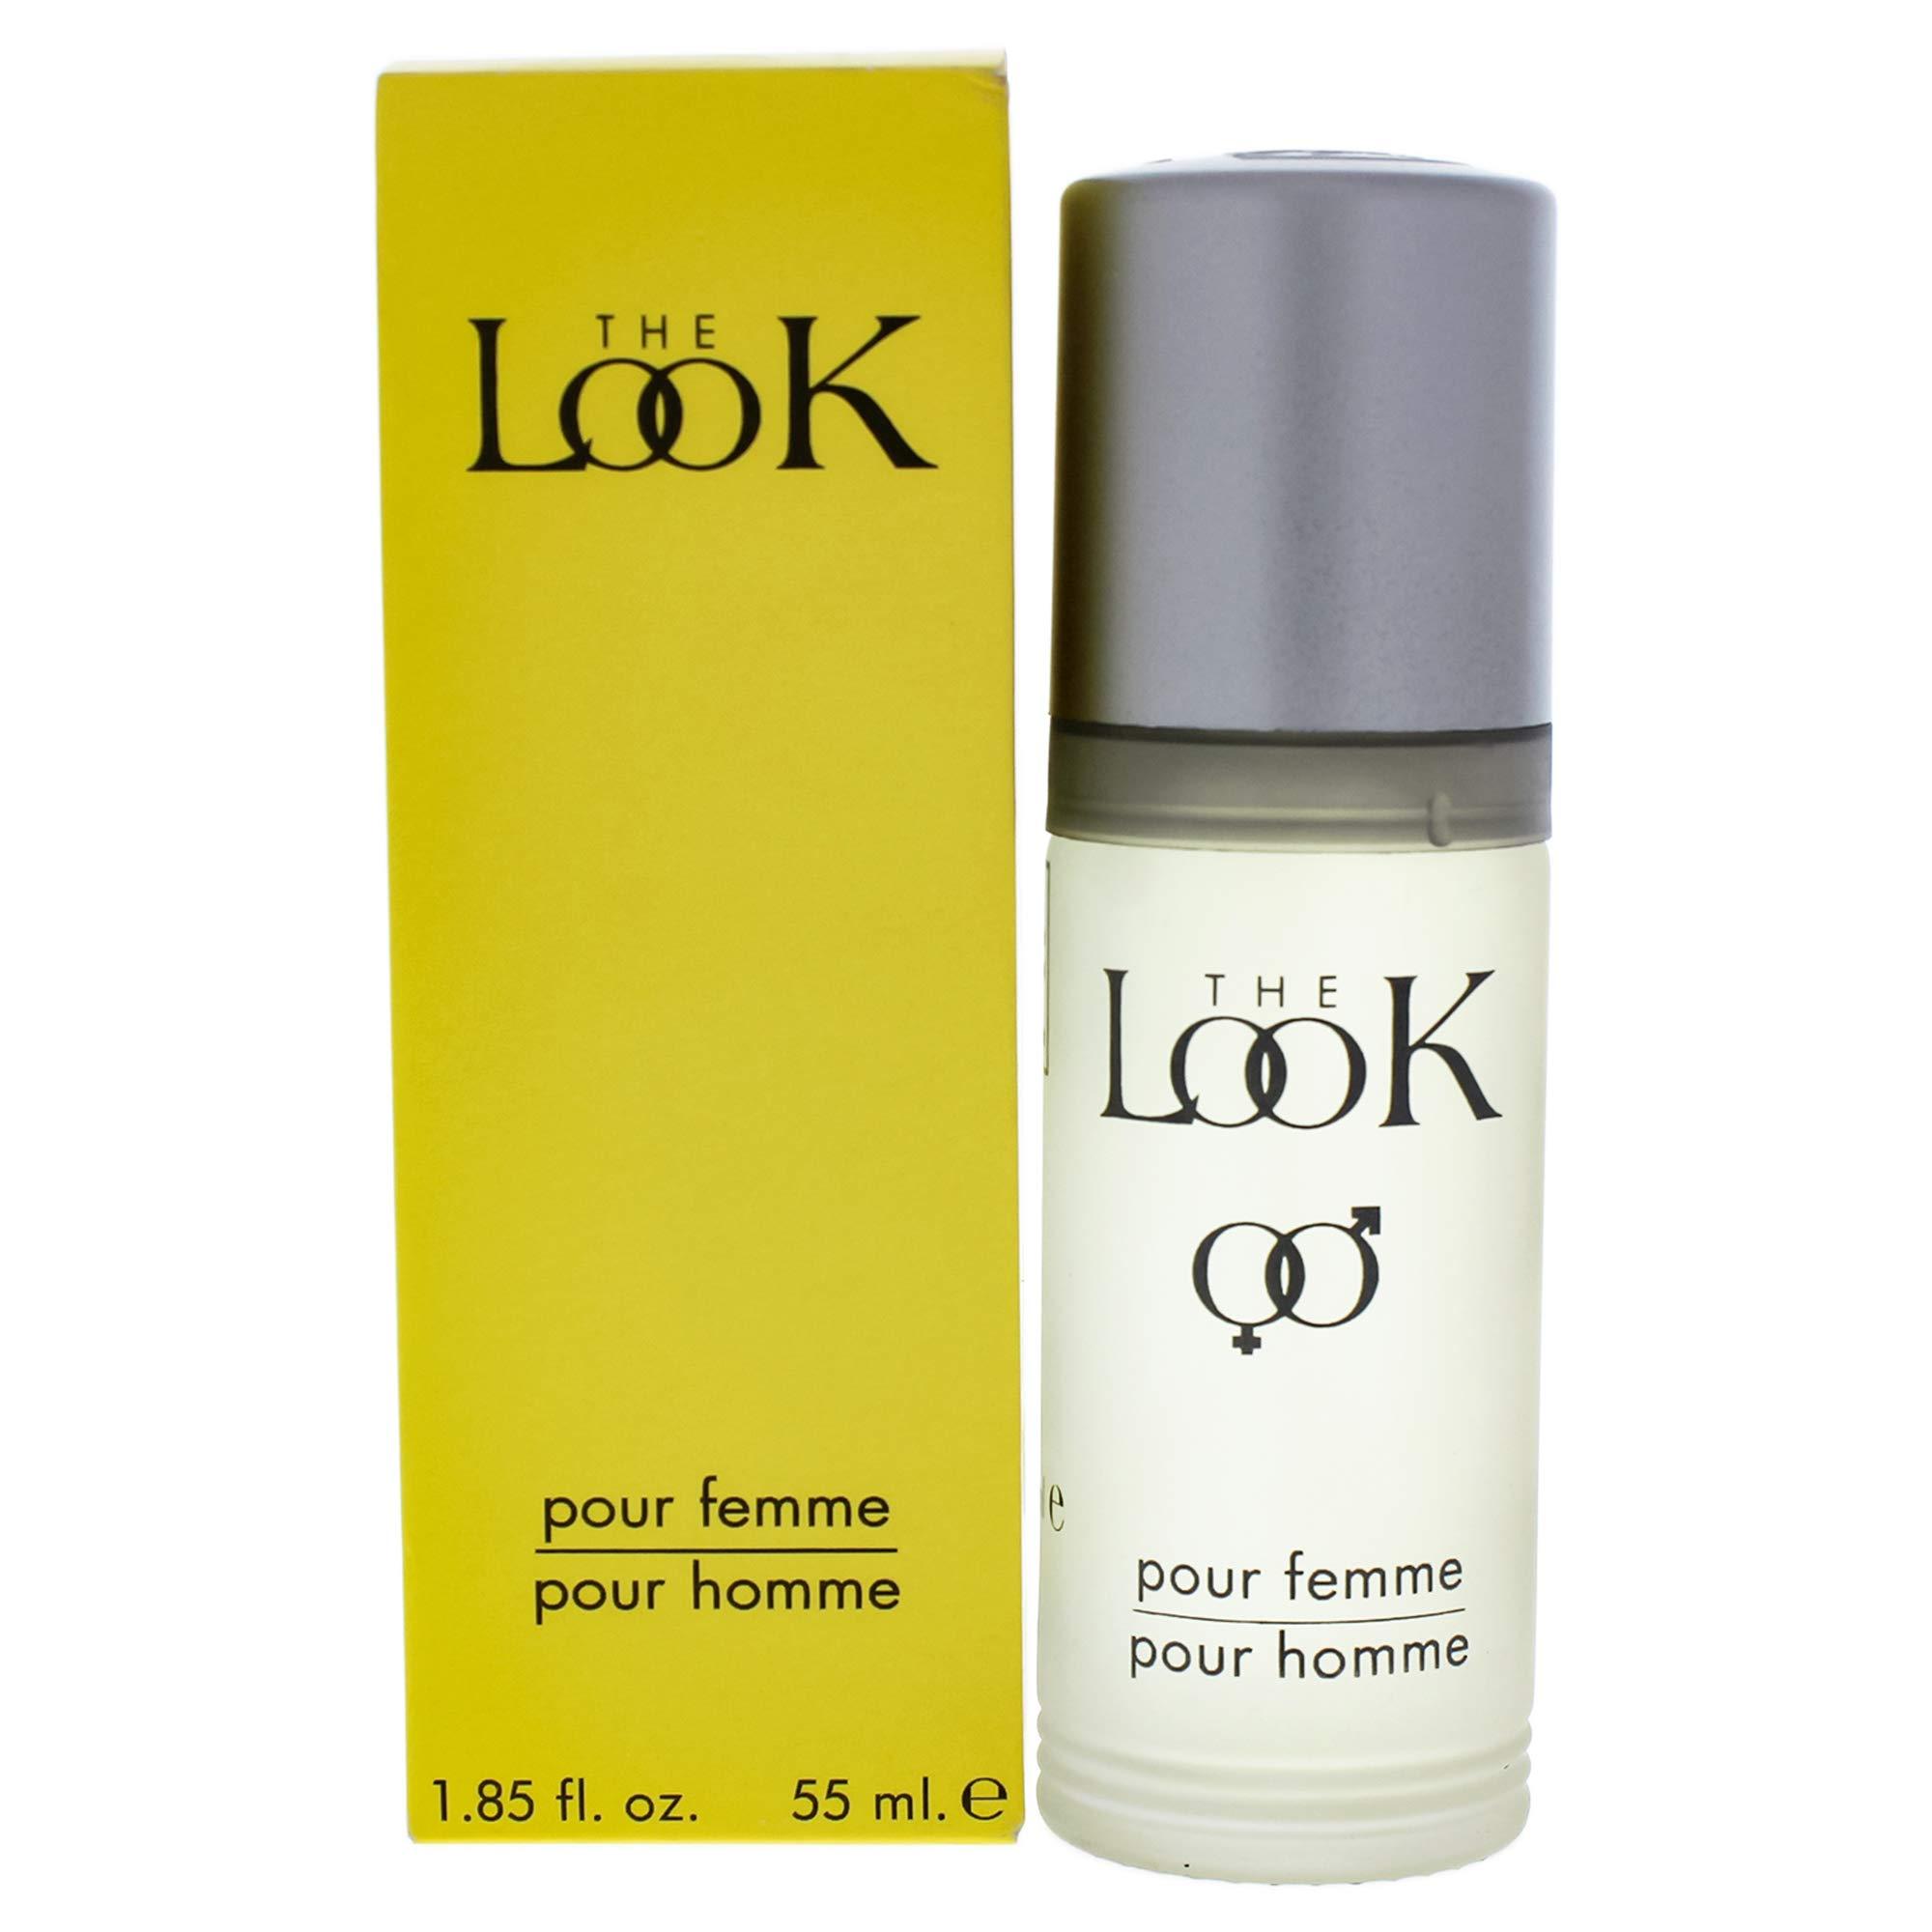 UTC   The Look   Eau de Toilette   Unisex Fragrance Spray   Aromatic Floral Scent   1.85 oz